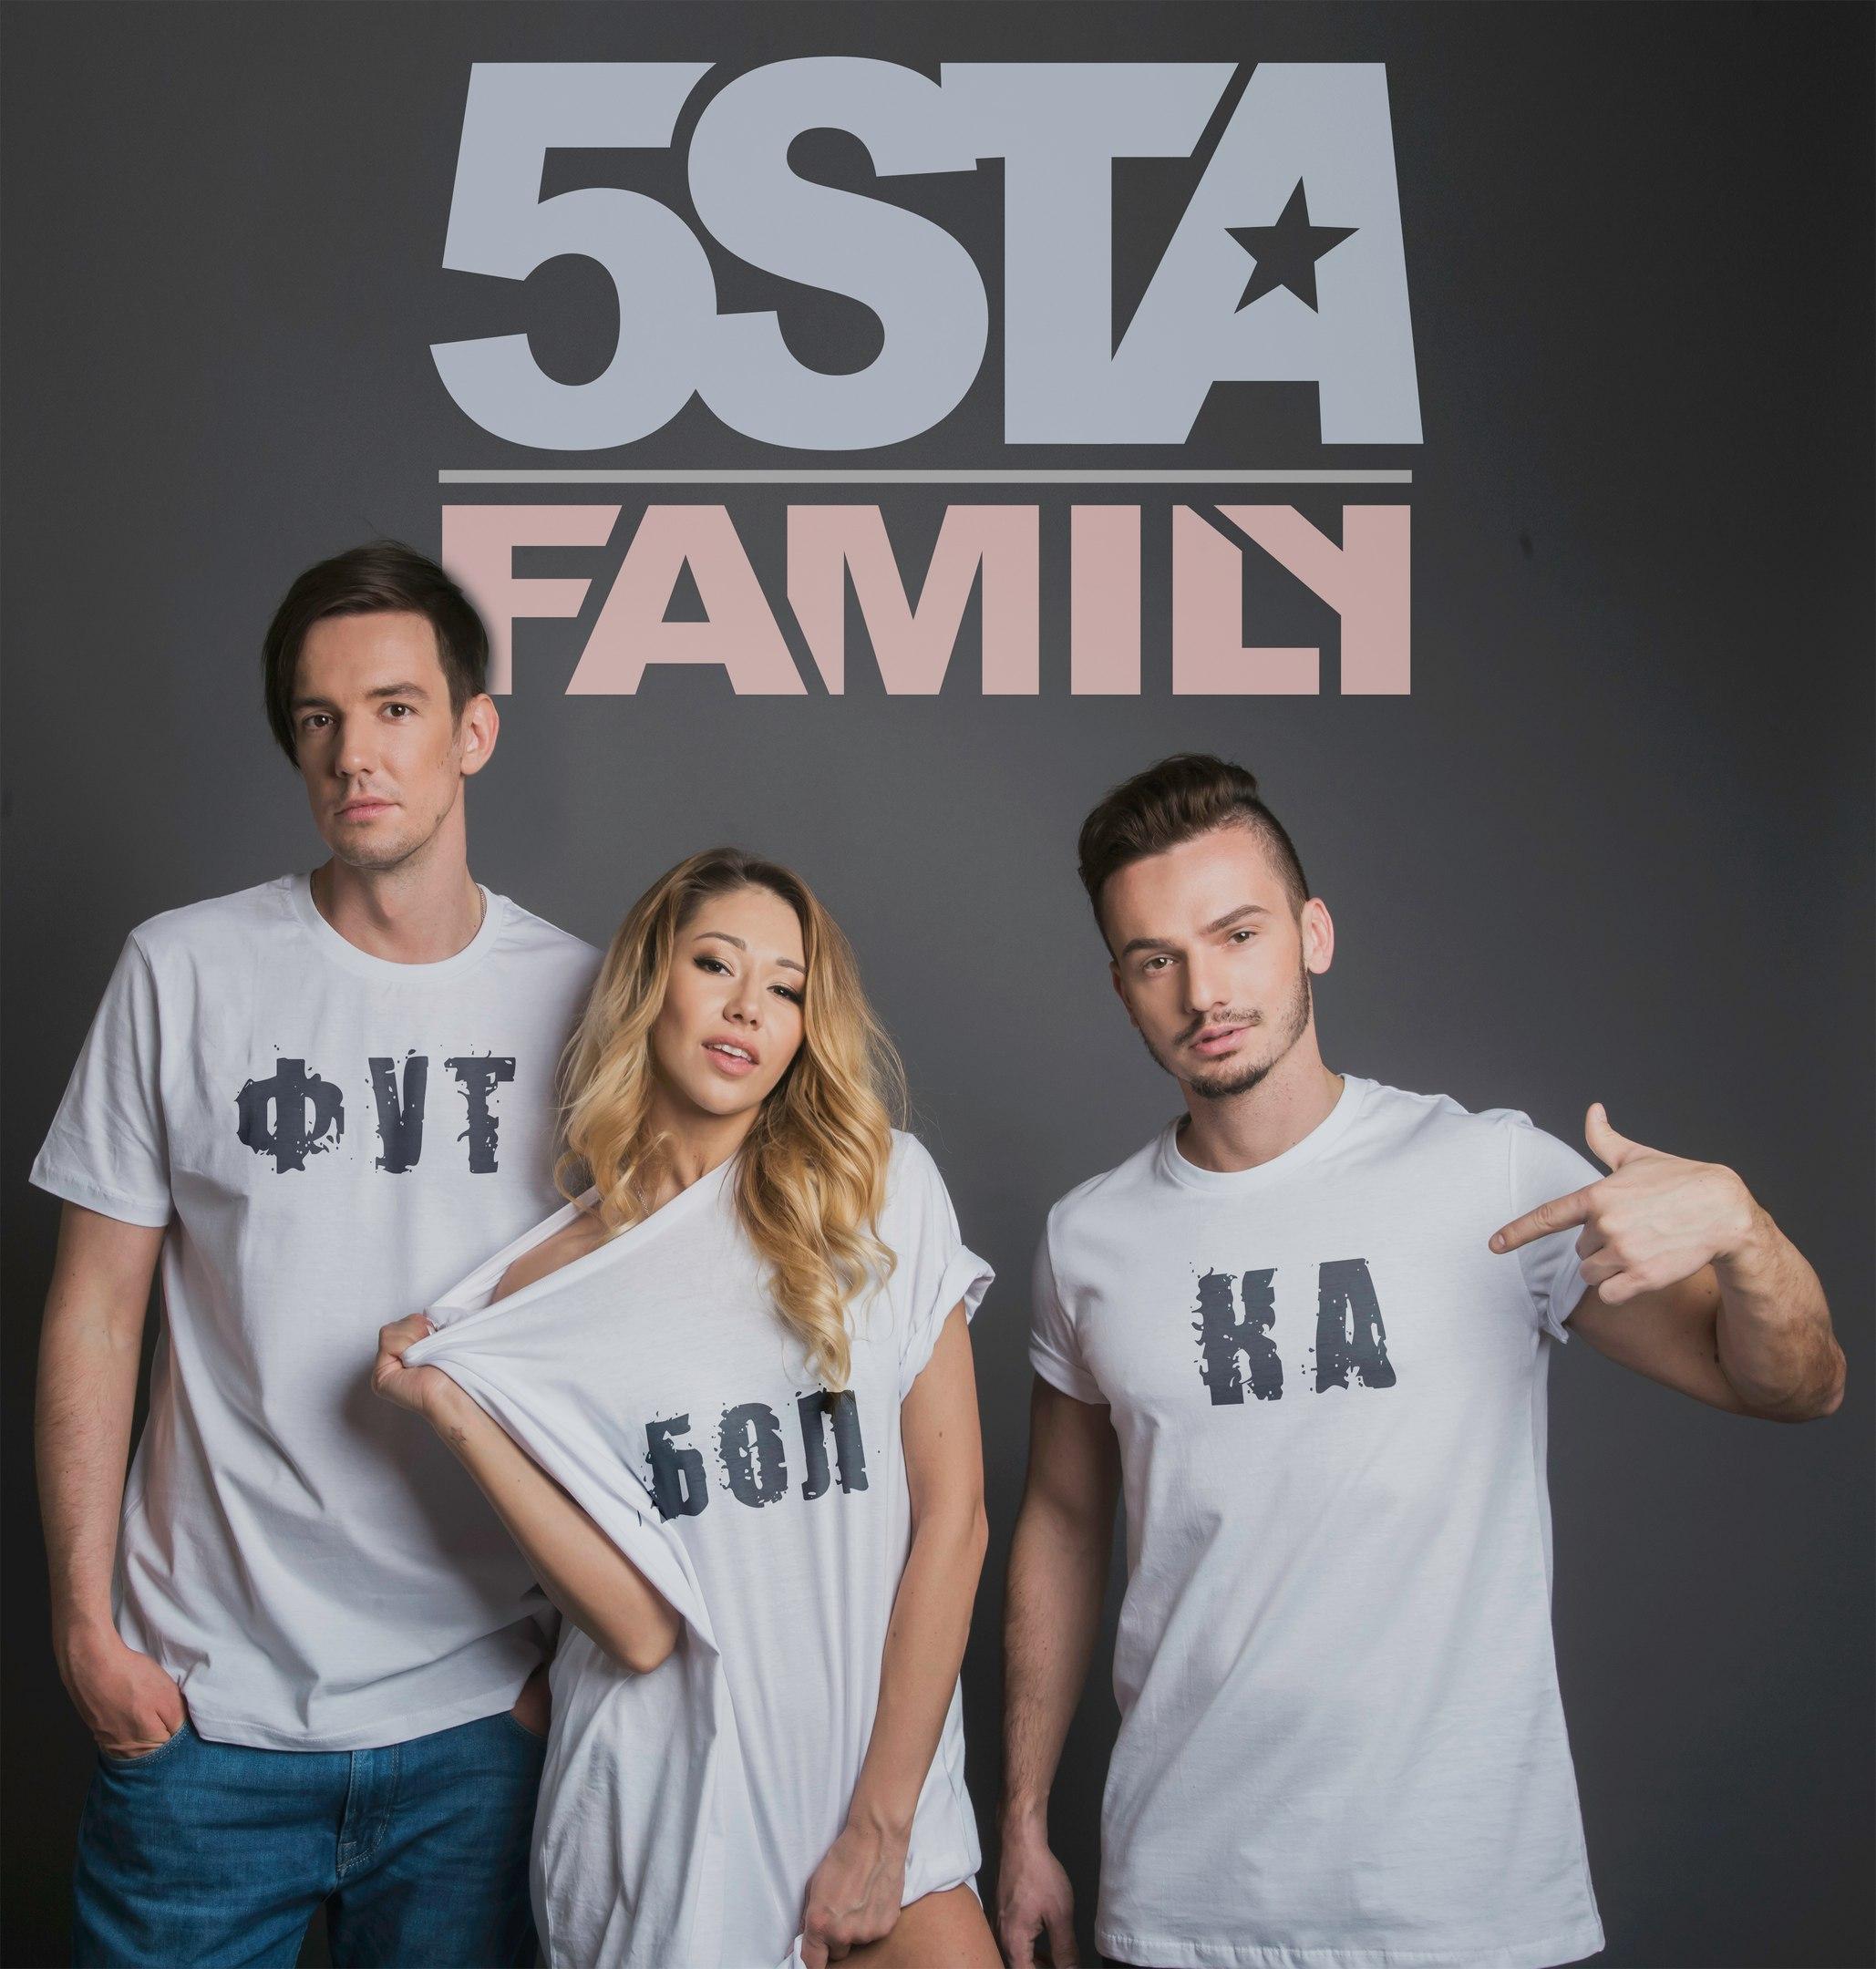 5sta family футболка скачать.